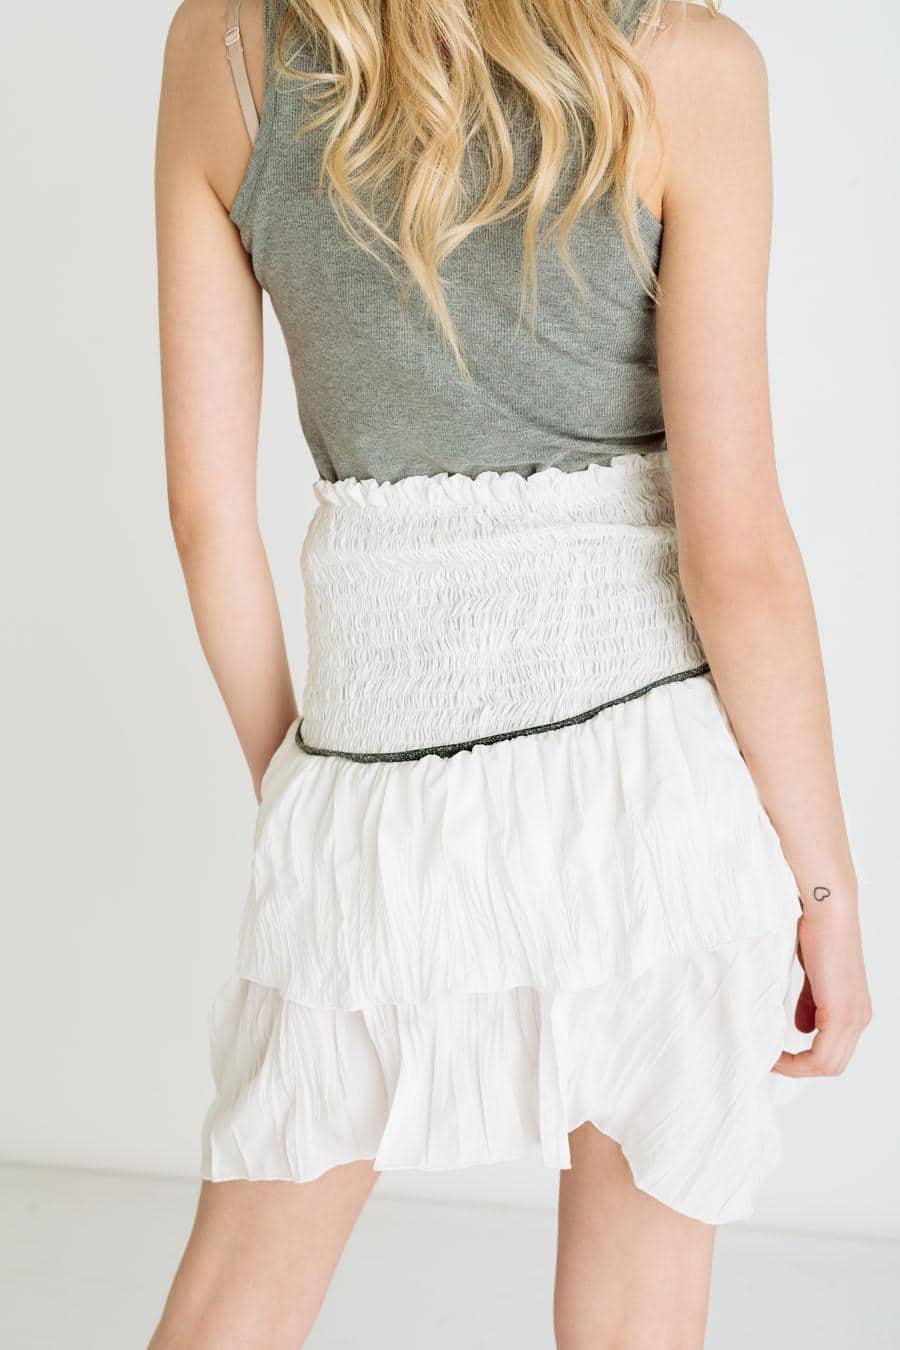 jagger zenska suknja kolekcija prolece leto 2021 ss 2021 kupi online jg 5499 02 2